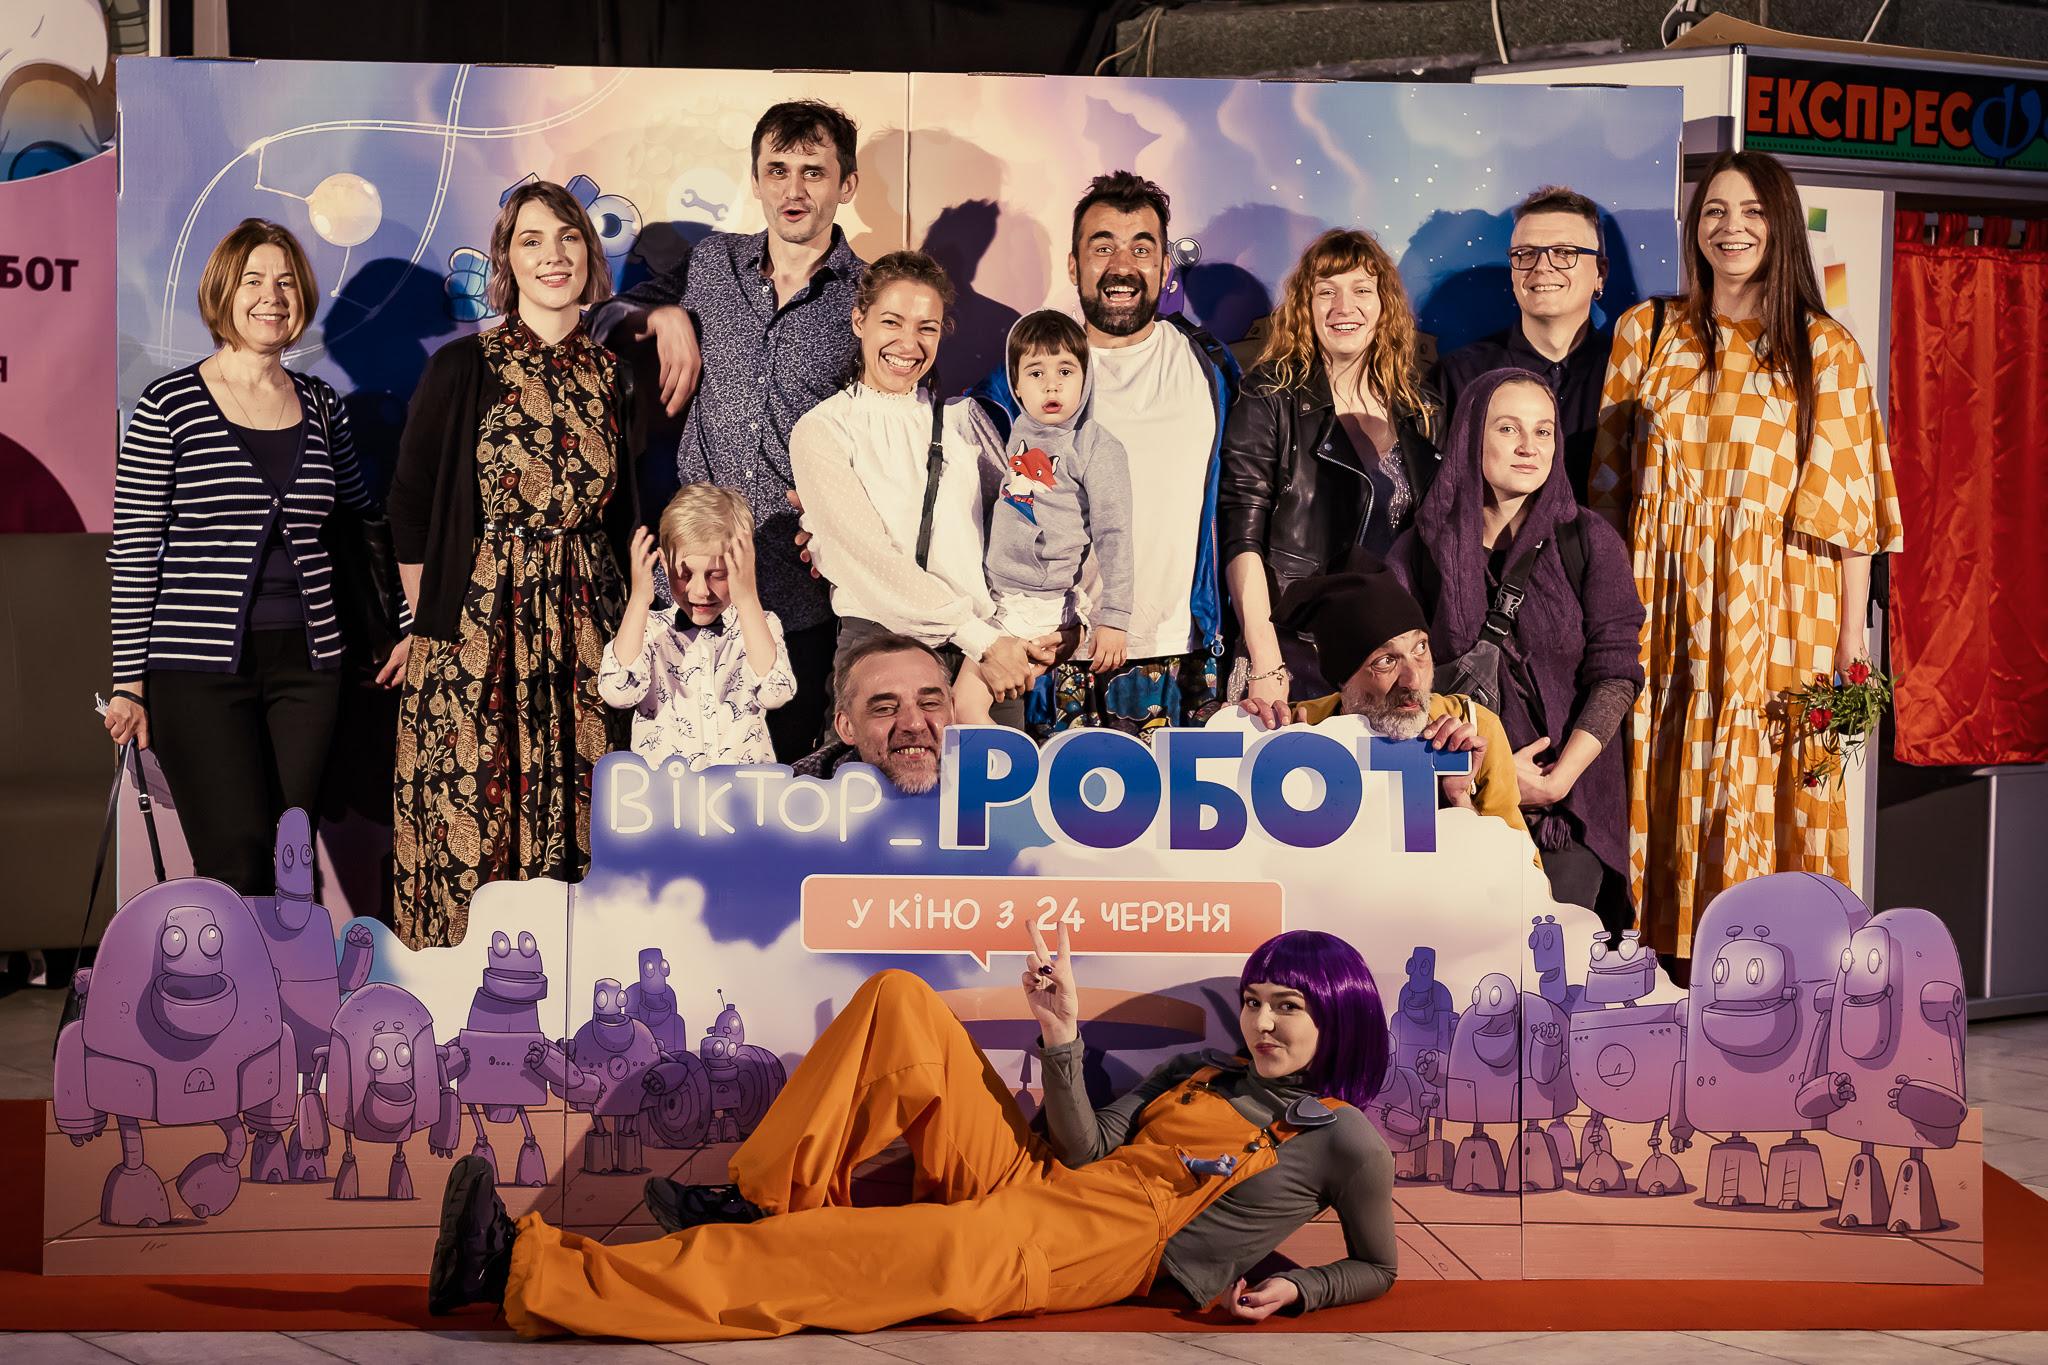 Творці фільму «Віктор_Робот»